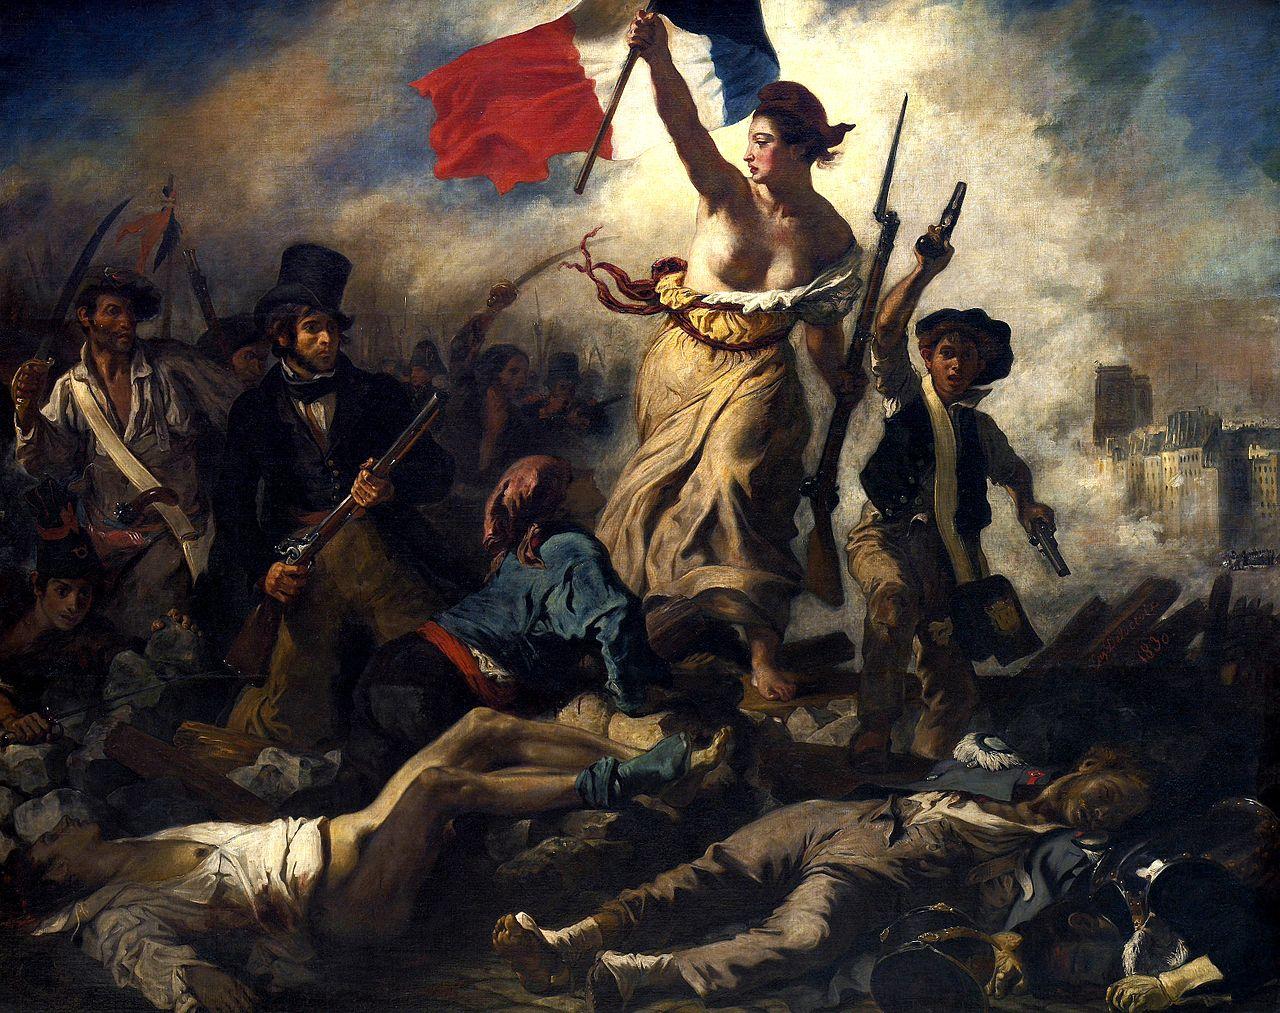 Romantik milliyetçilik:Fransız İhtilalinde, Lady Liberty halka önderlik ediyor.